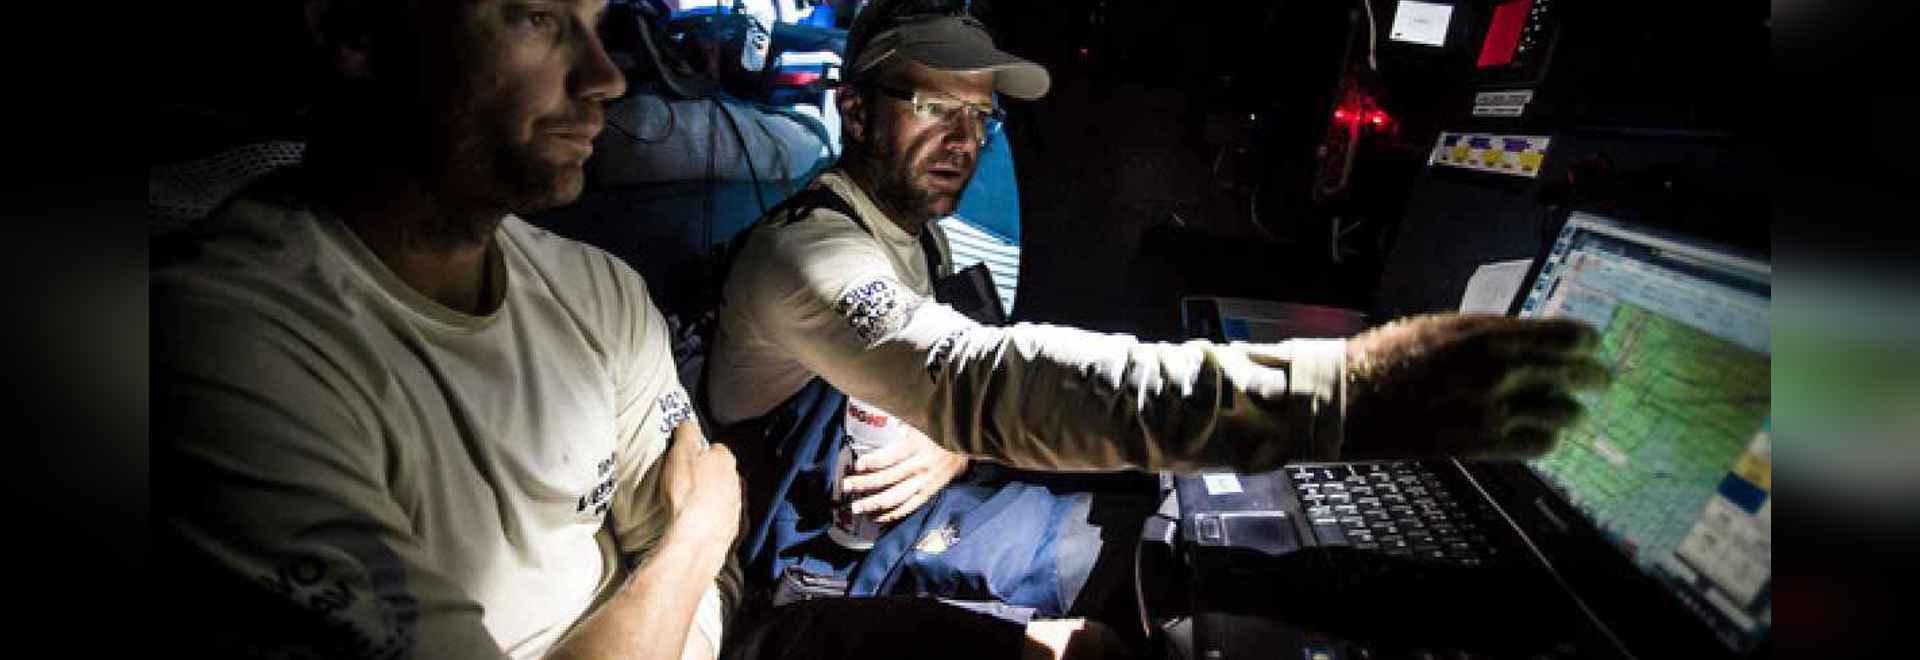 Bordmannschaft Vestas Wind, Chris Nicholson und Wouter Verbraak besprechen Taktiken während Beines 1.